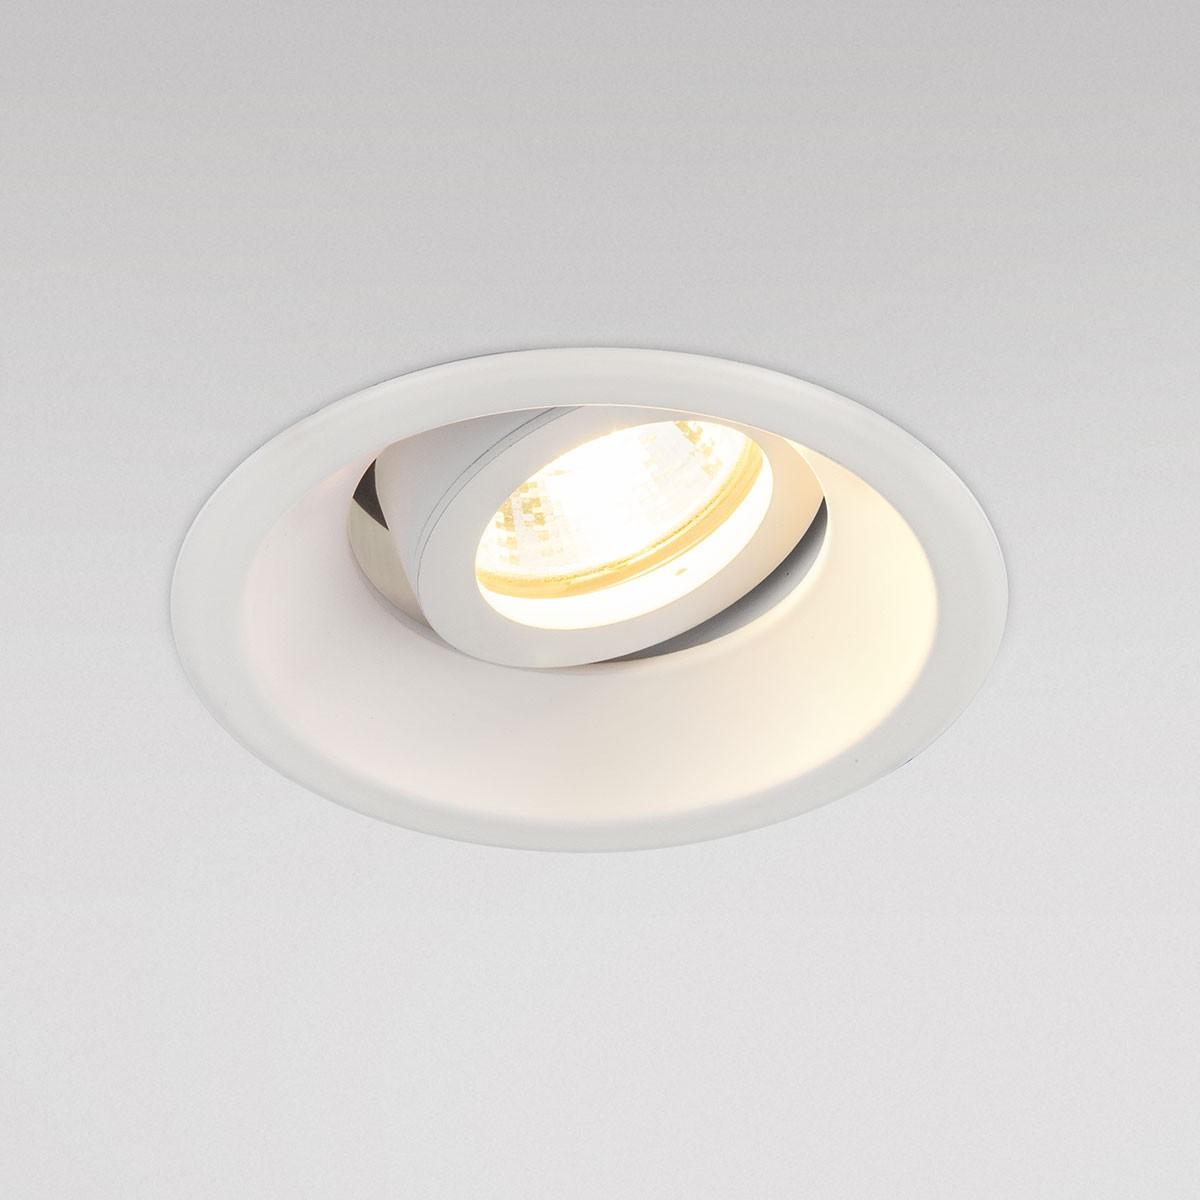 Фото Встраиваемый светильник Elektrostandard 1082 a036506